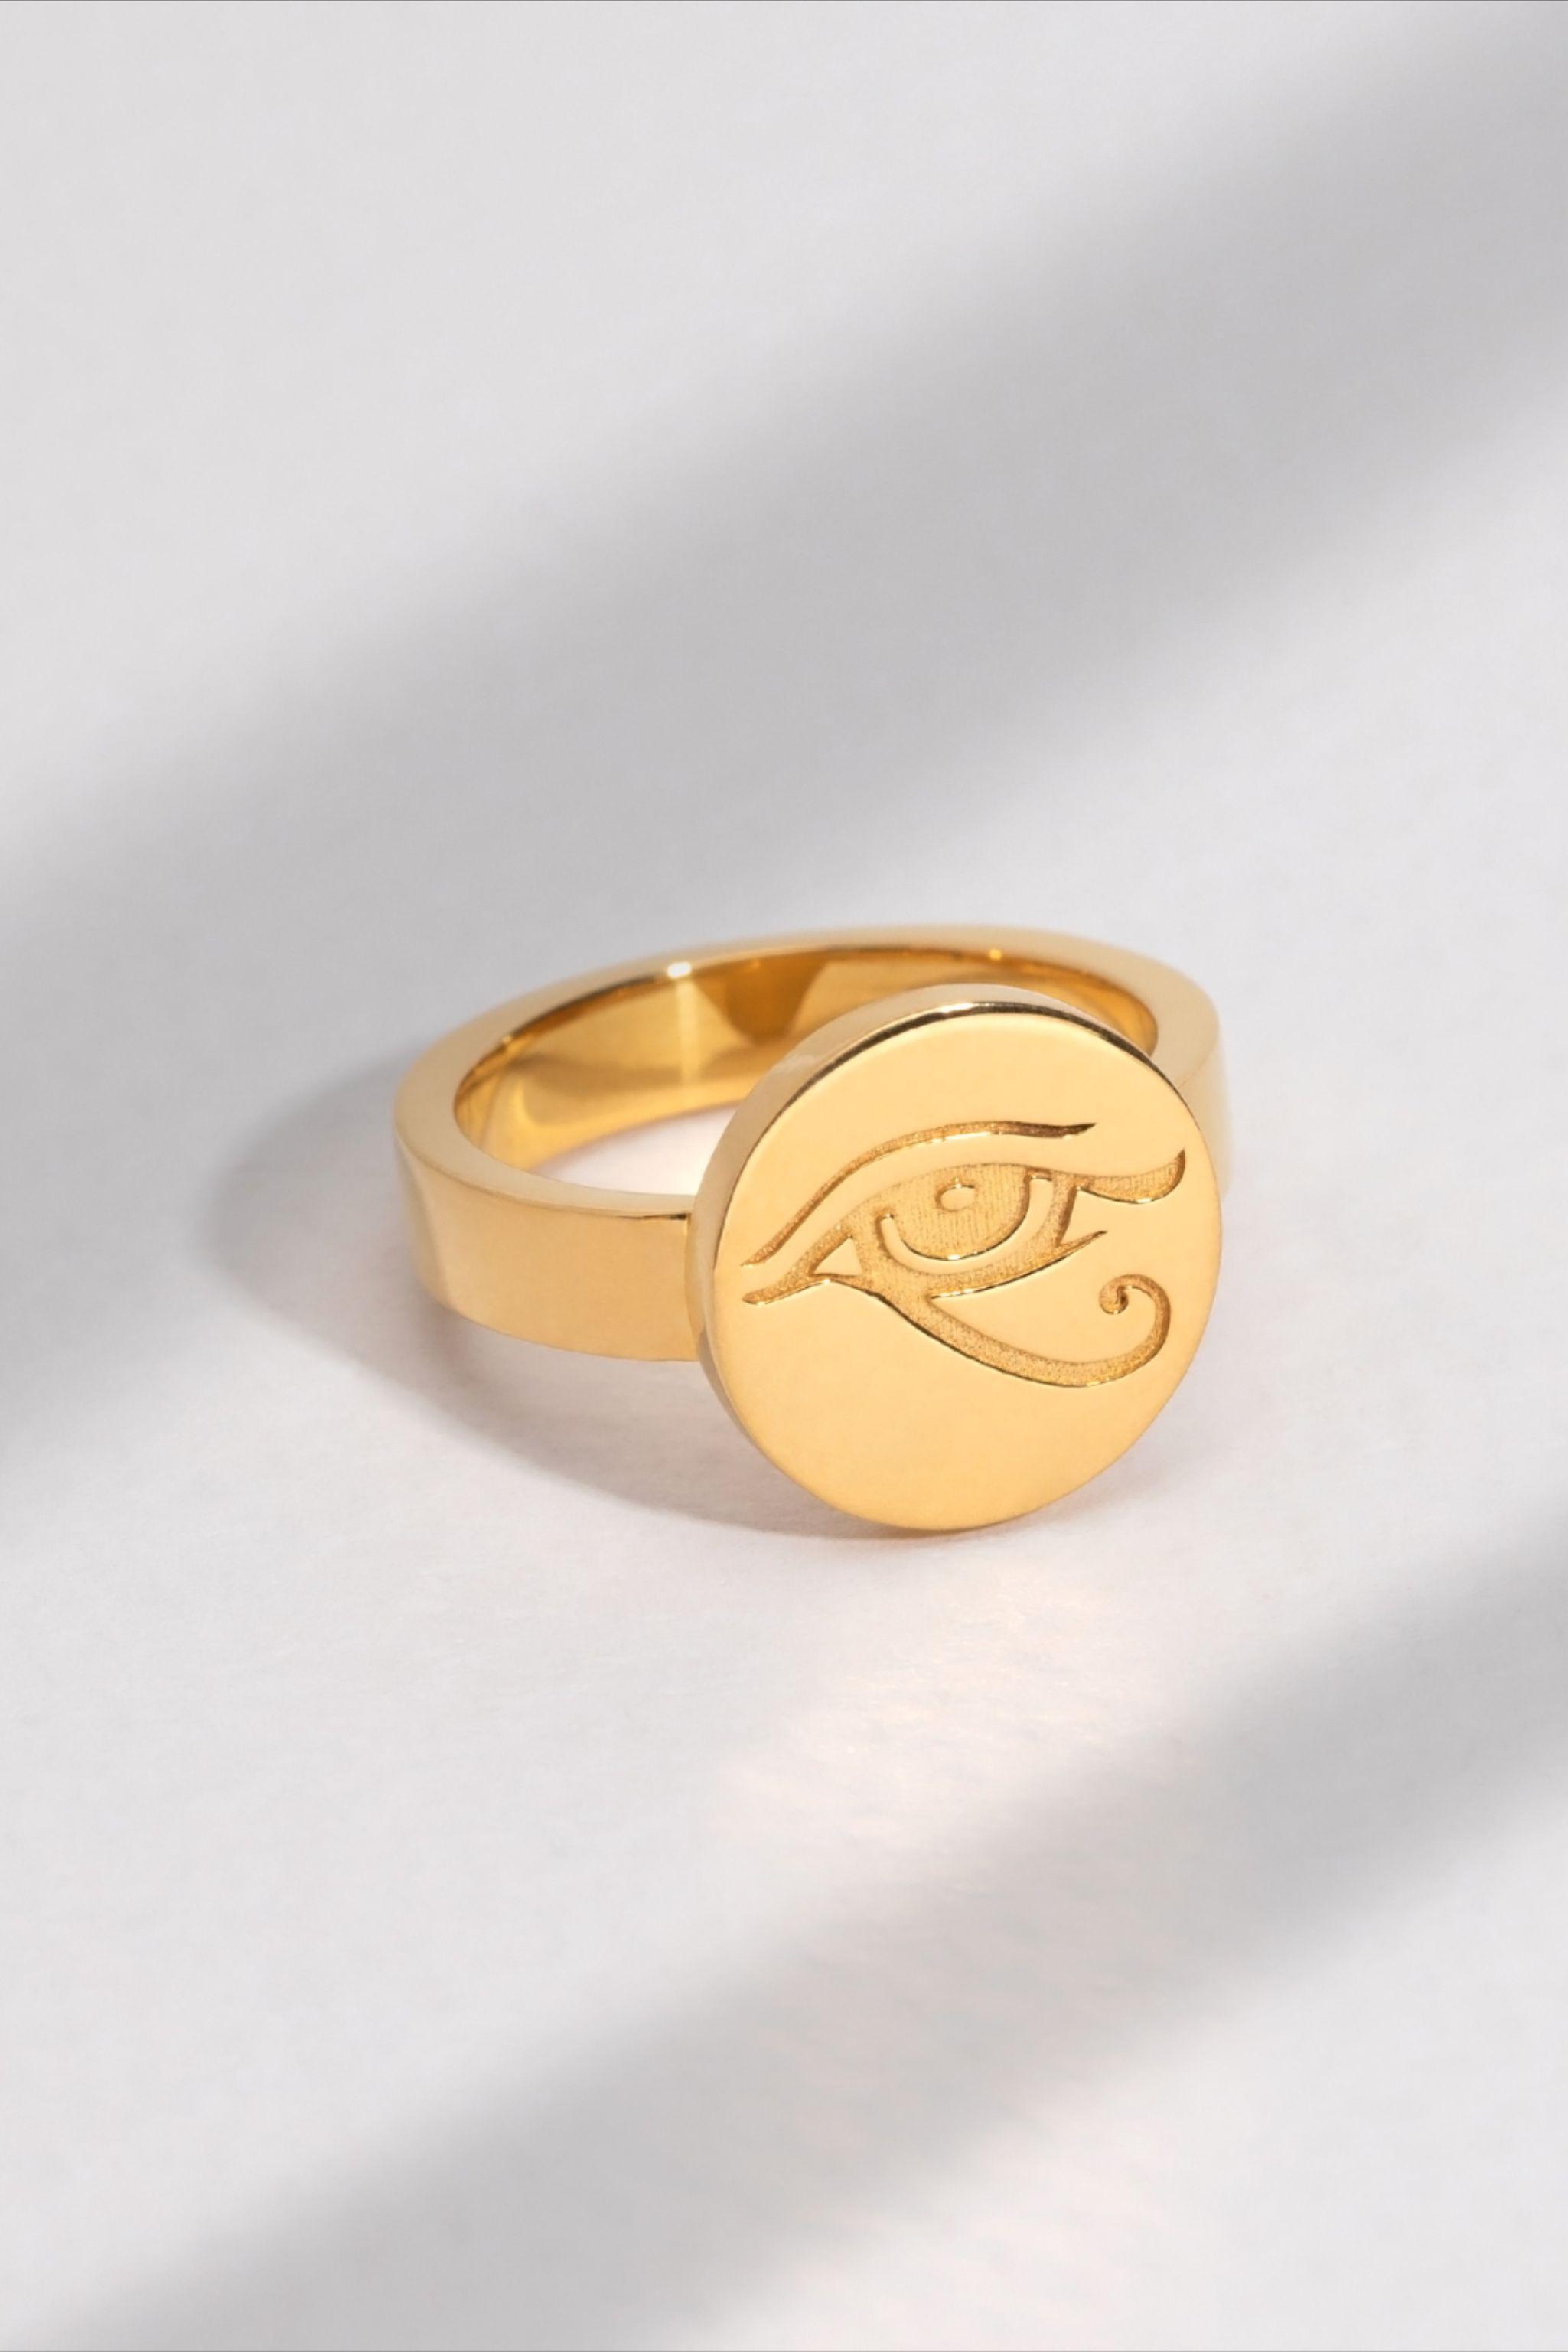 Horus Eye Signet Ring Signet Ring Gold Signet Ring Signet